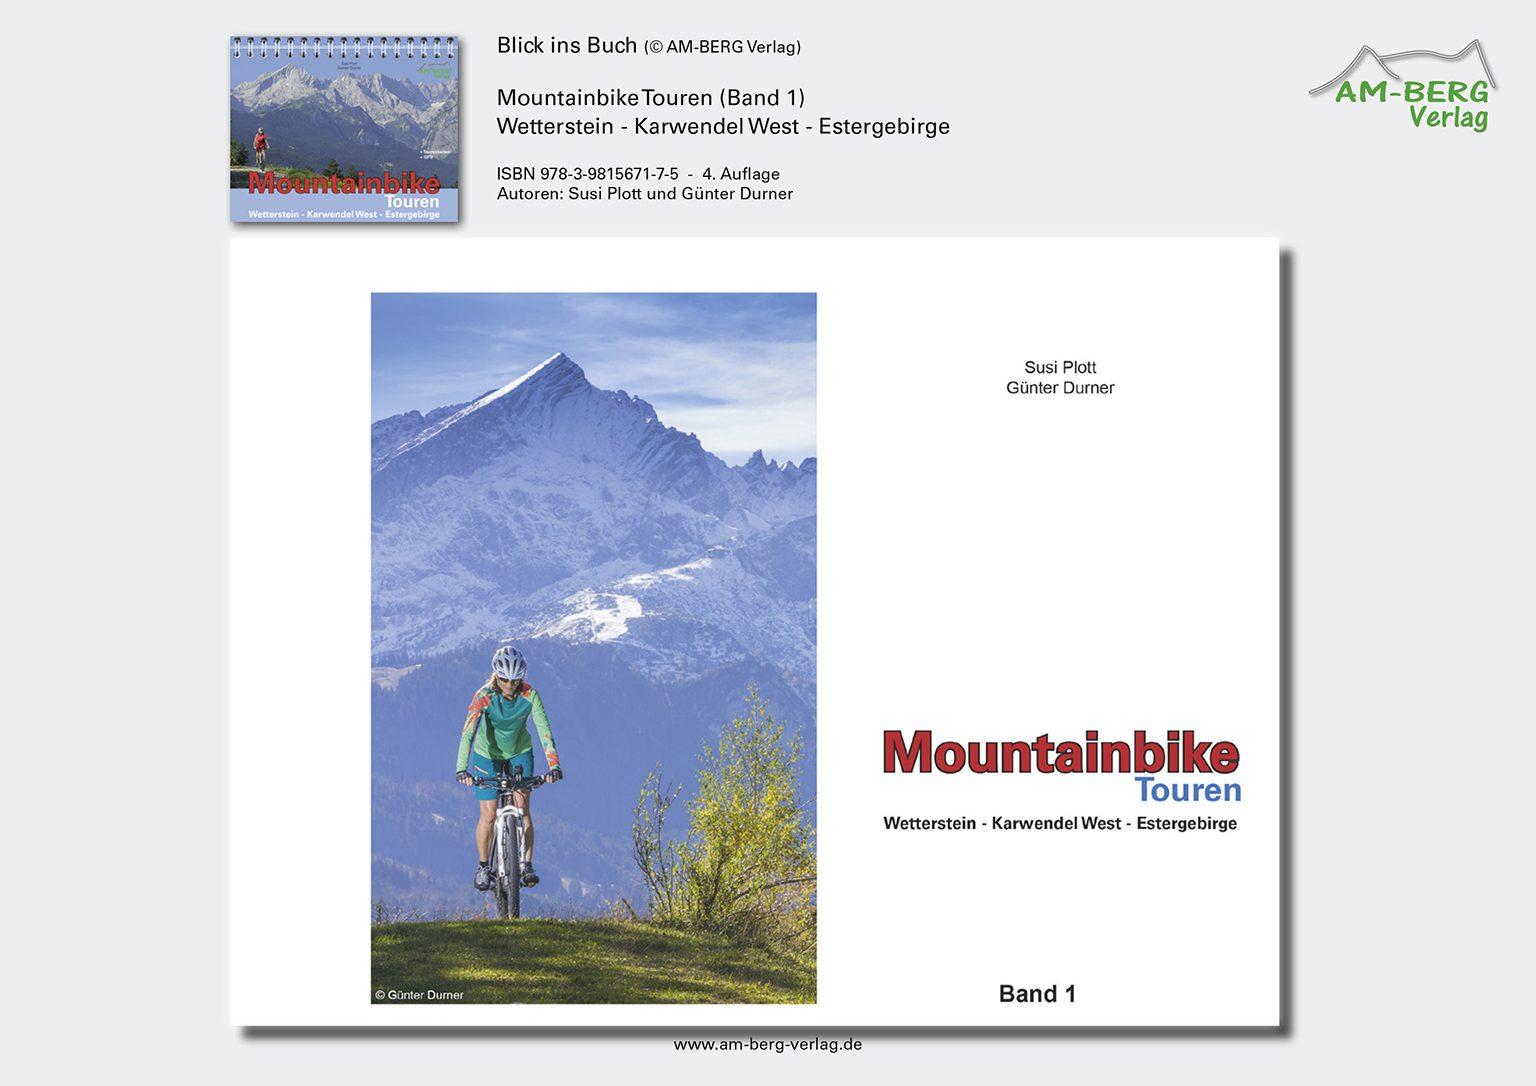 Mountainbike Touren Wetterstein-Karwendel-West-Estergebirge_band1_BlickinsBuch01